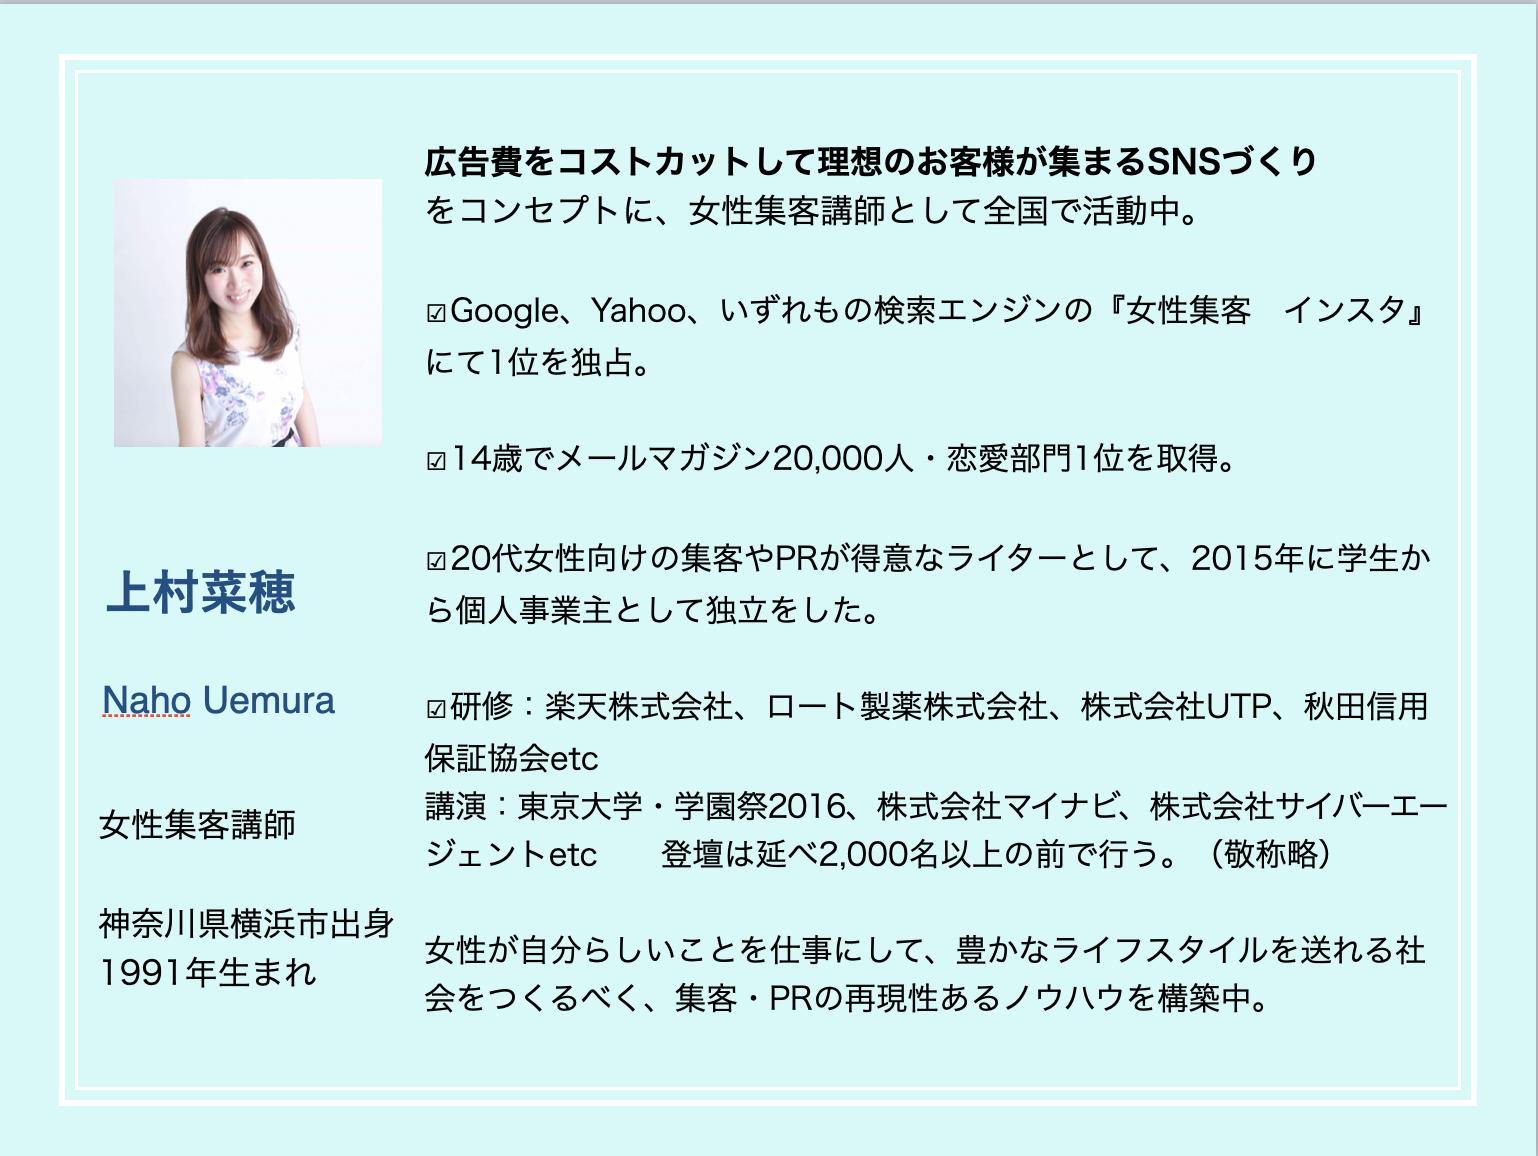 nahouemura.profile.jpg